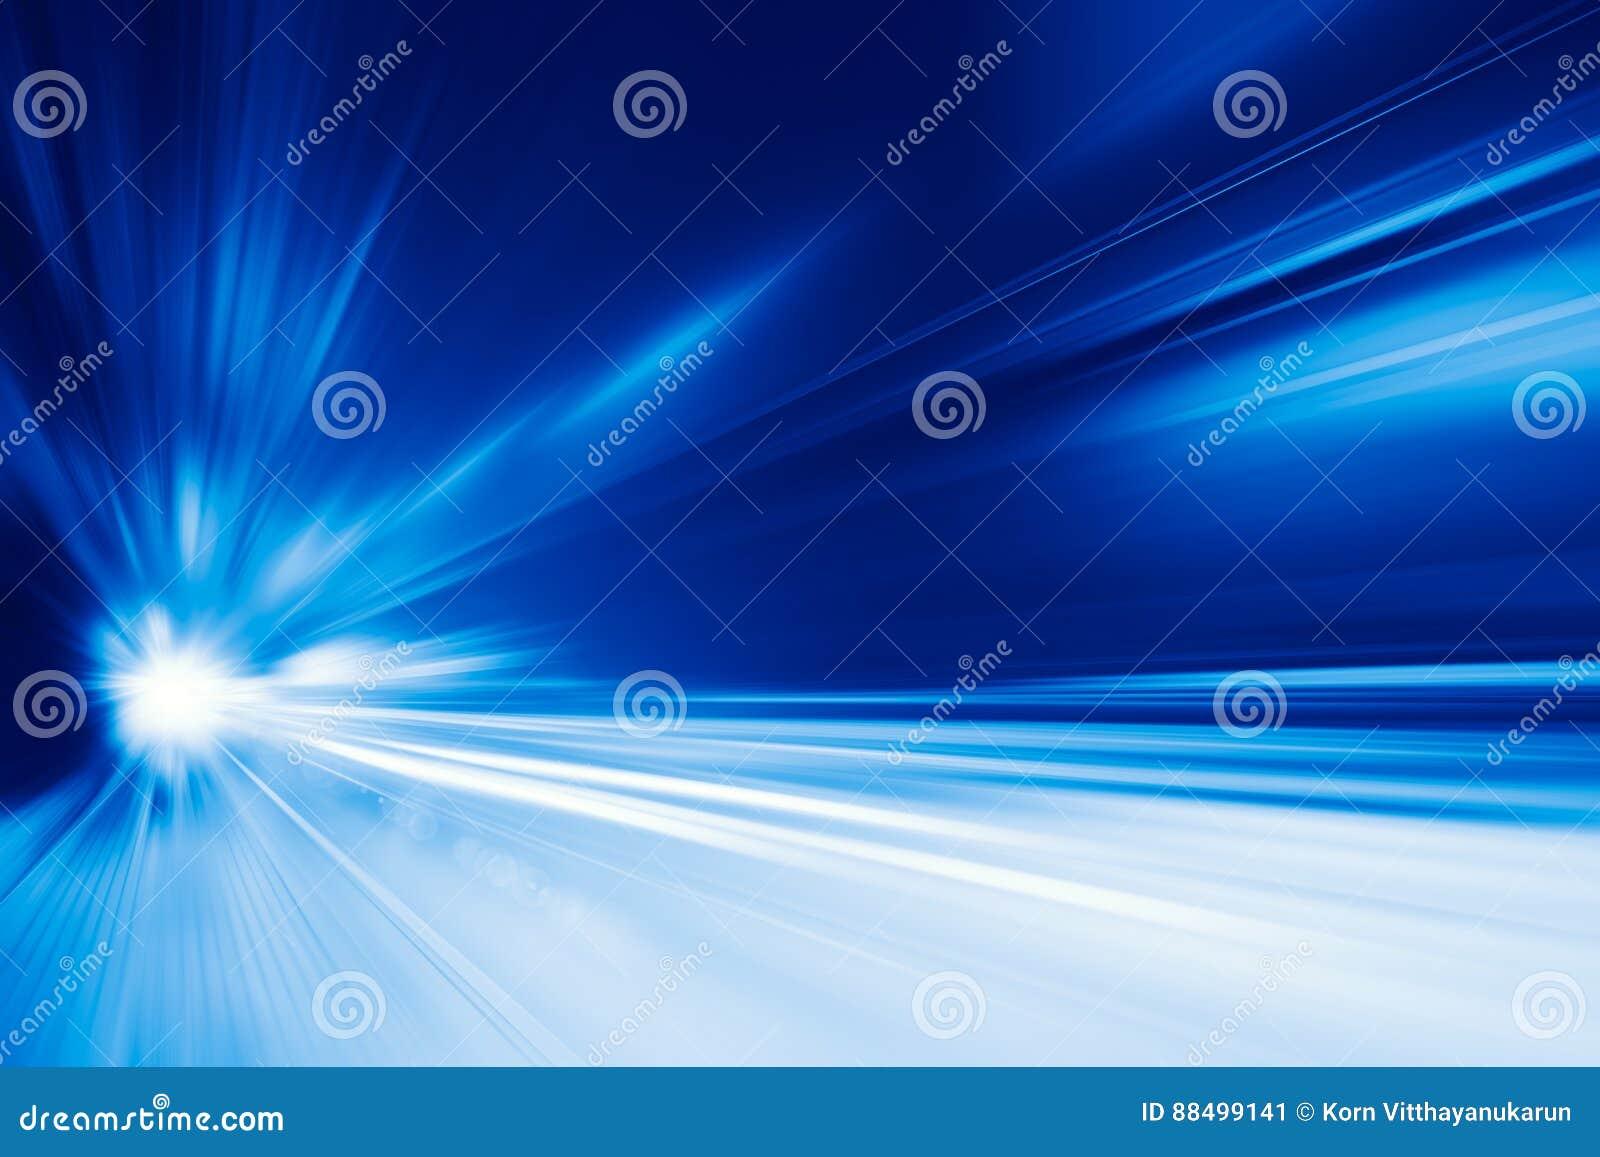 高速企业和技术概念,加速度超级快速的快车推进行动迷离